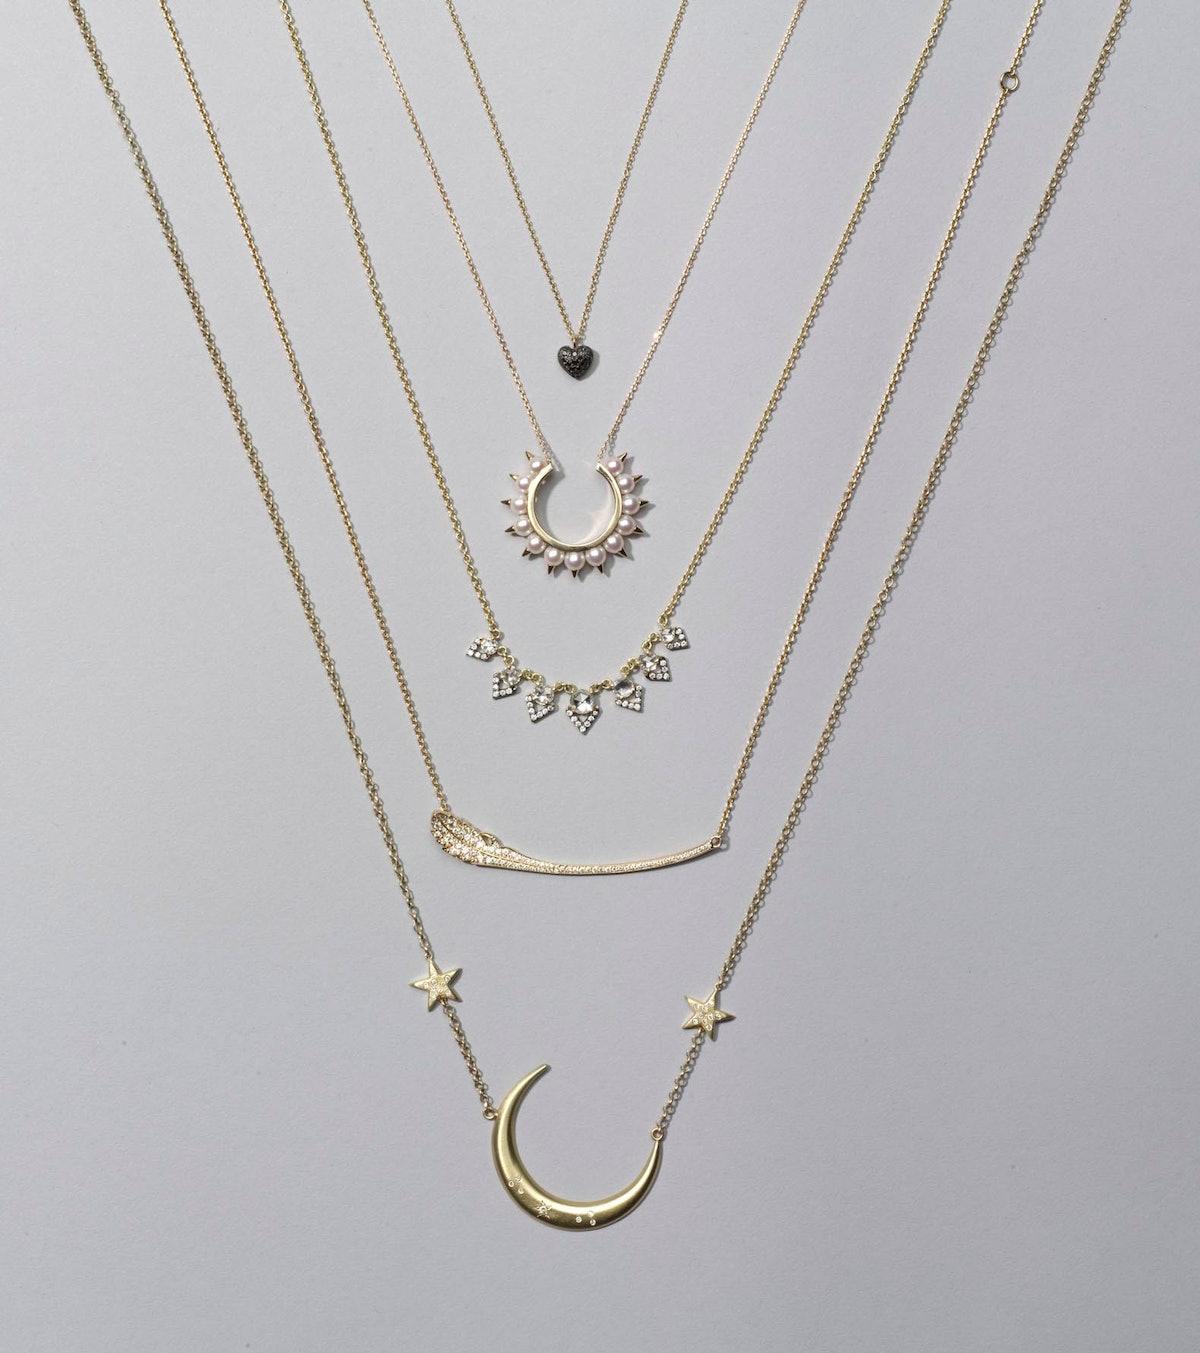 jear-Pendant-Necklaces